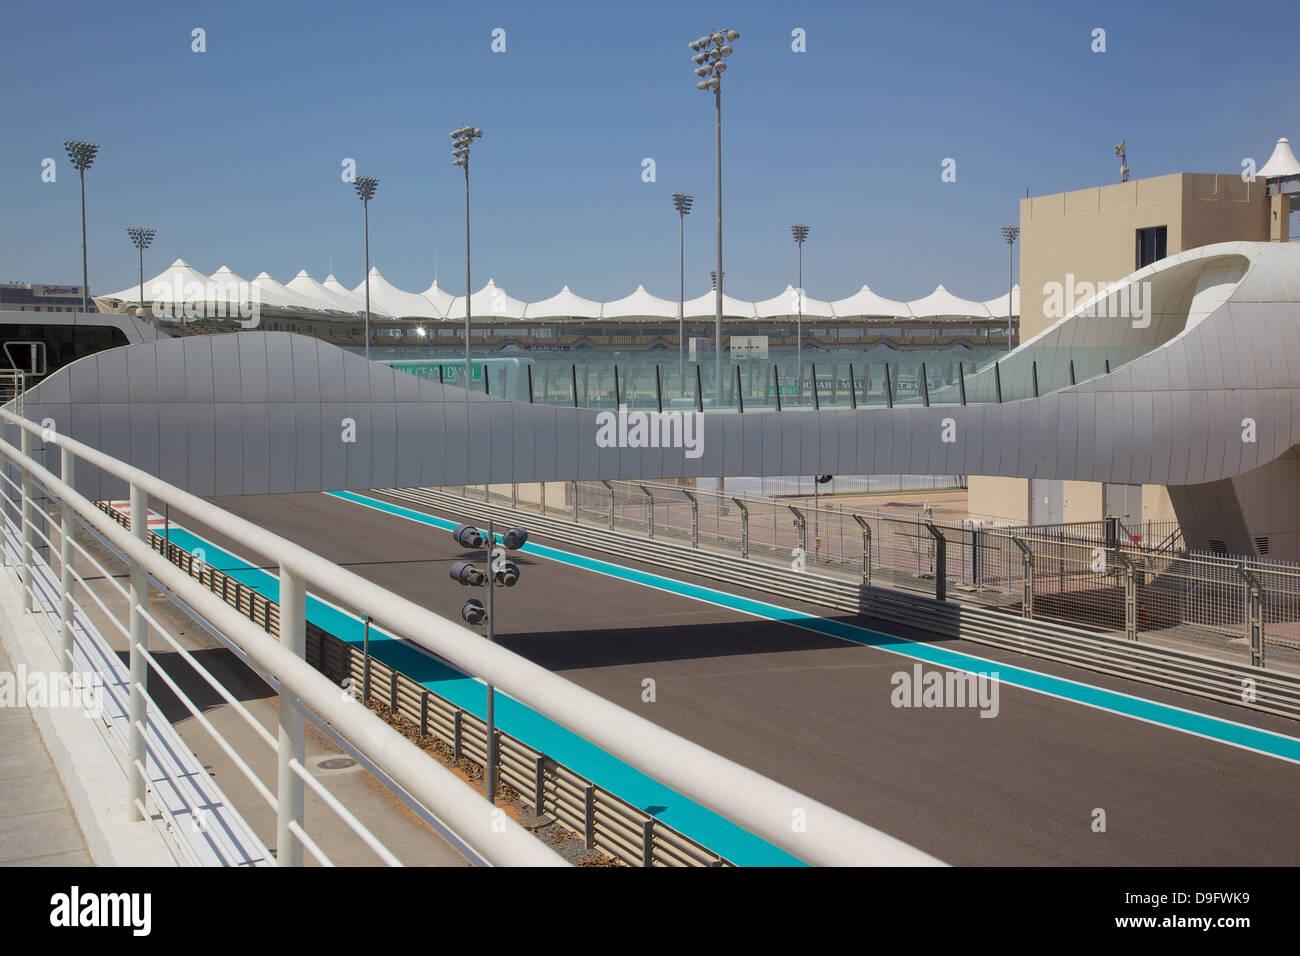 Formel 1-Rennstrecke, Yas Island, Abu Dhabi, Vereinigte Arabische Emirate, Naher Osten Stockbild